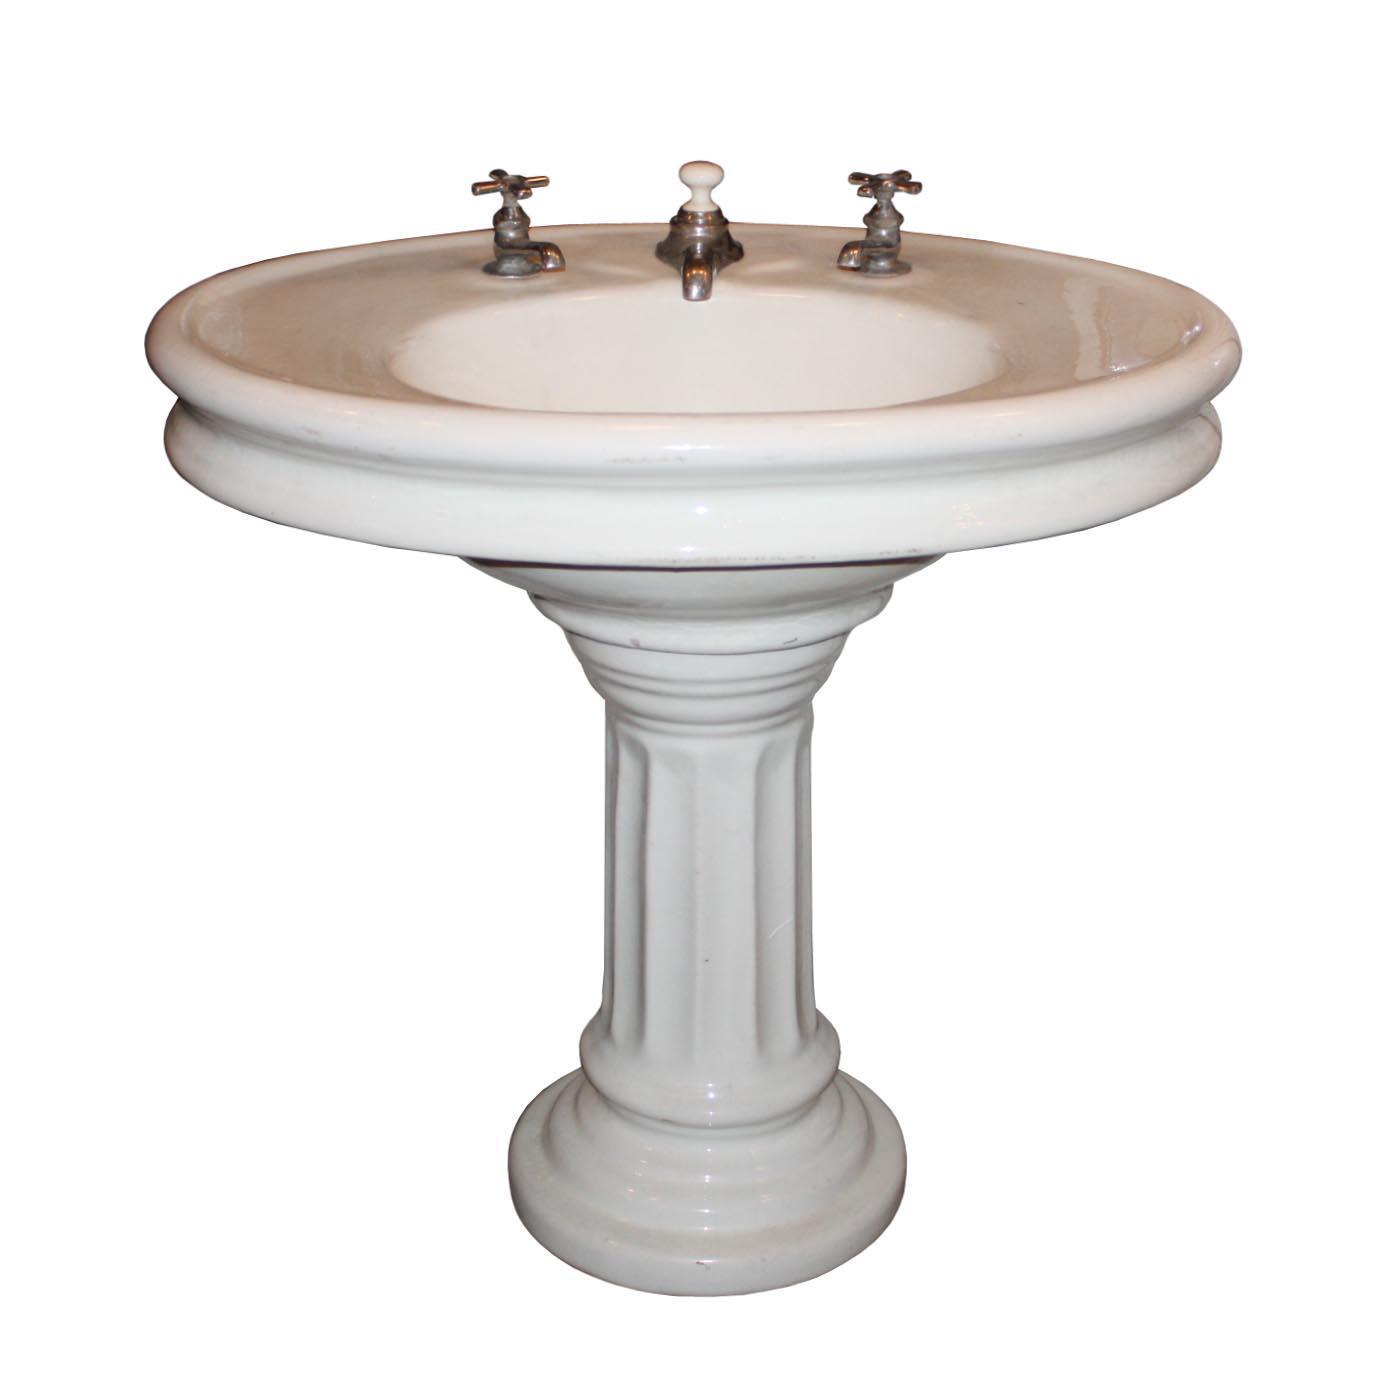 Antique Porcelain Over Terra Cotta Pedestal Sink, c.1910